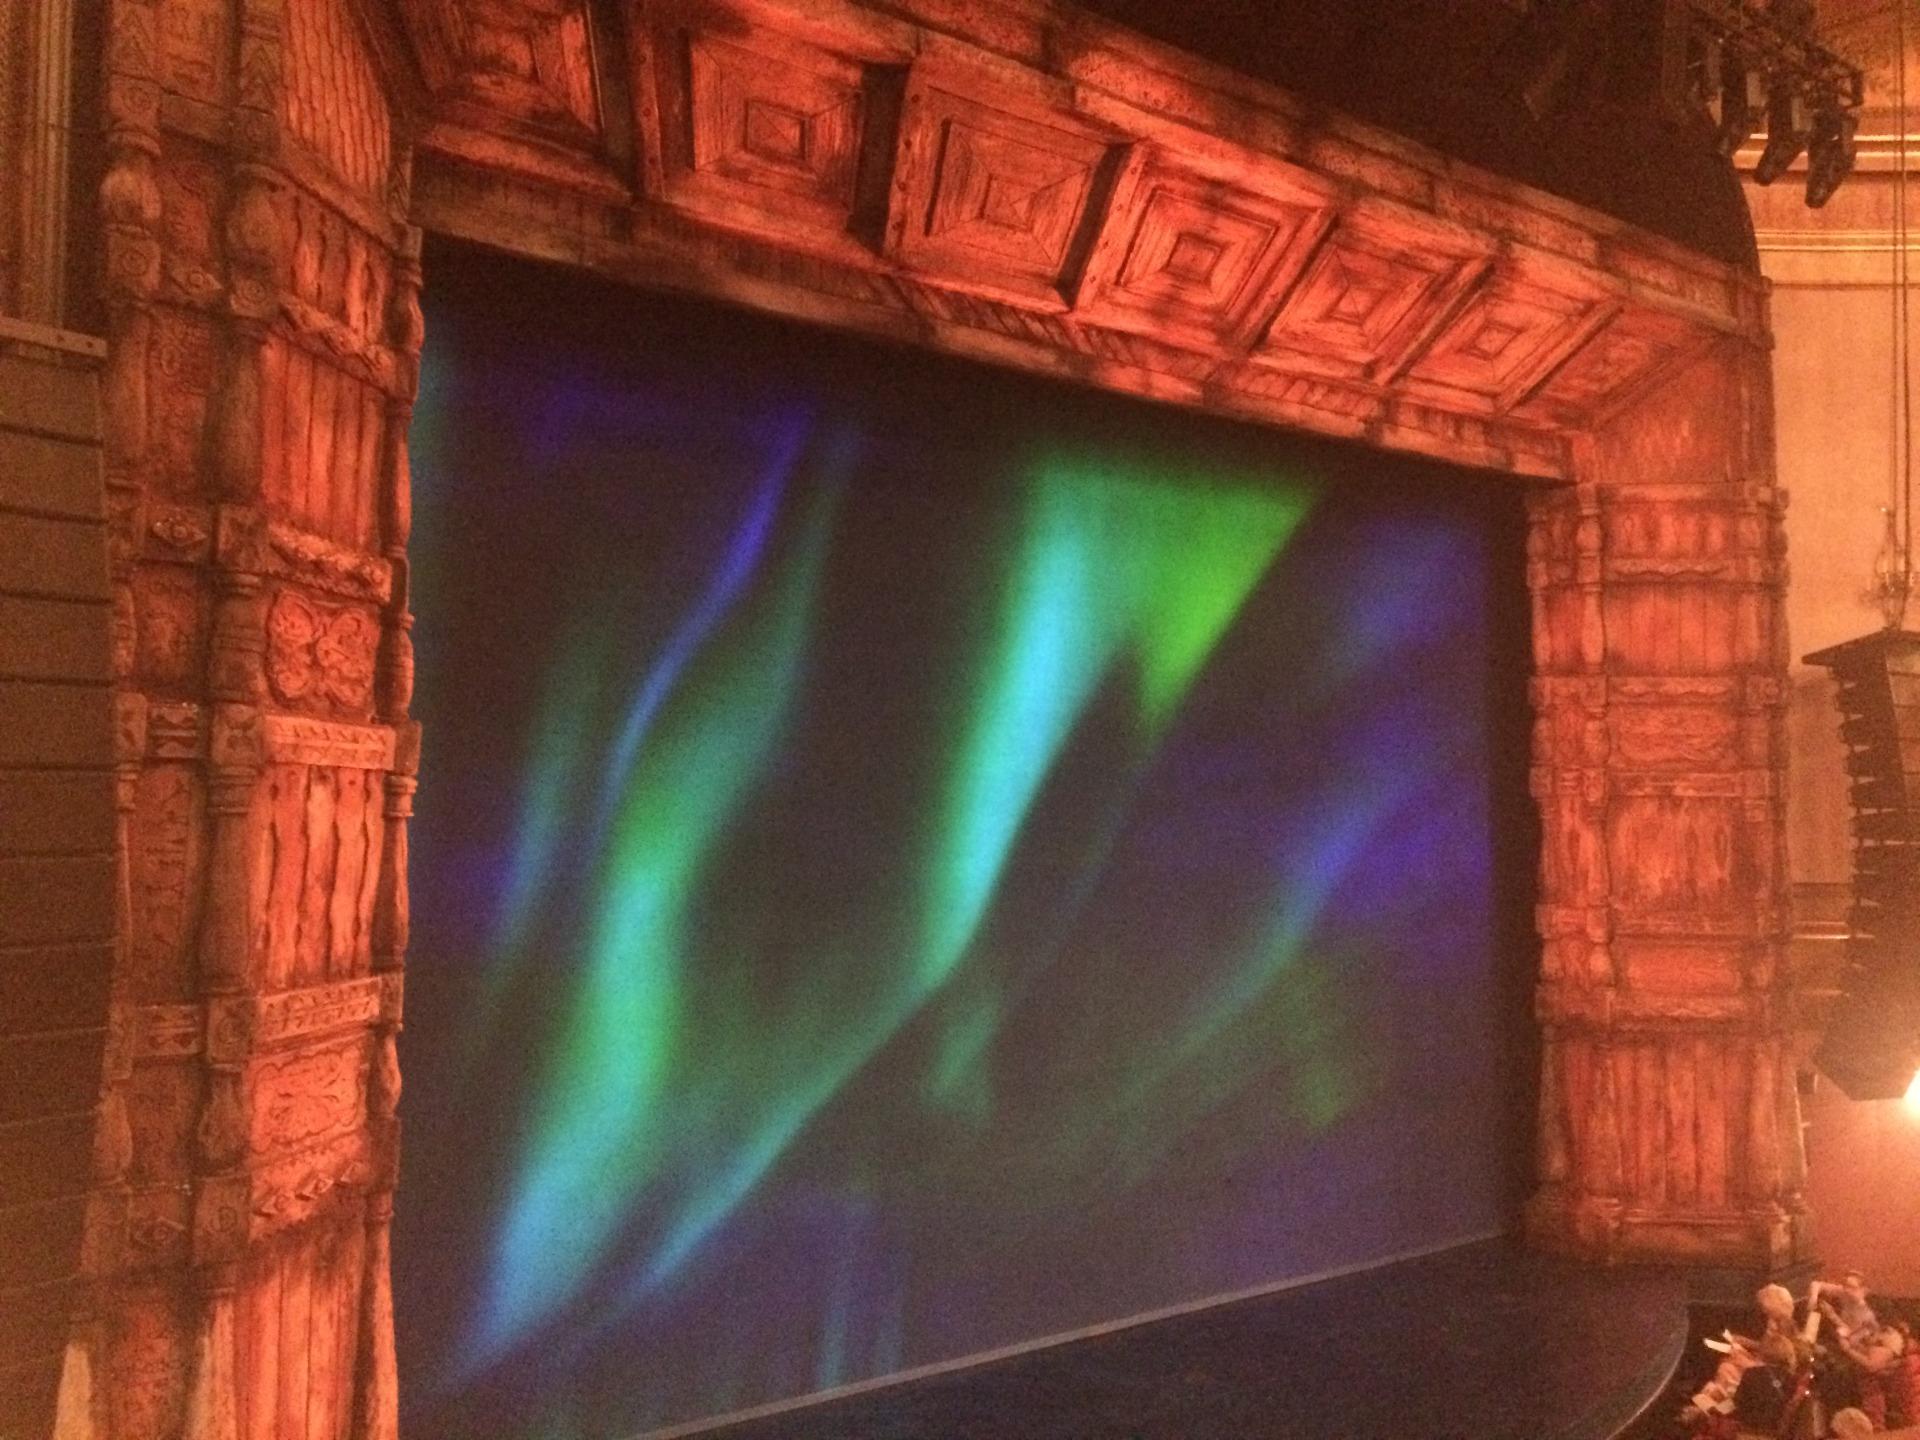 St. James Theatre Section Mezzanine L Row A